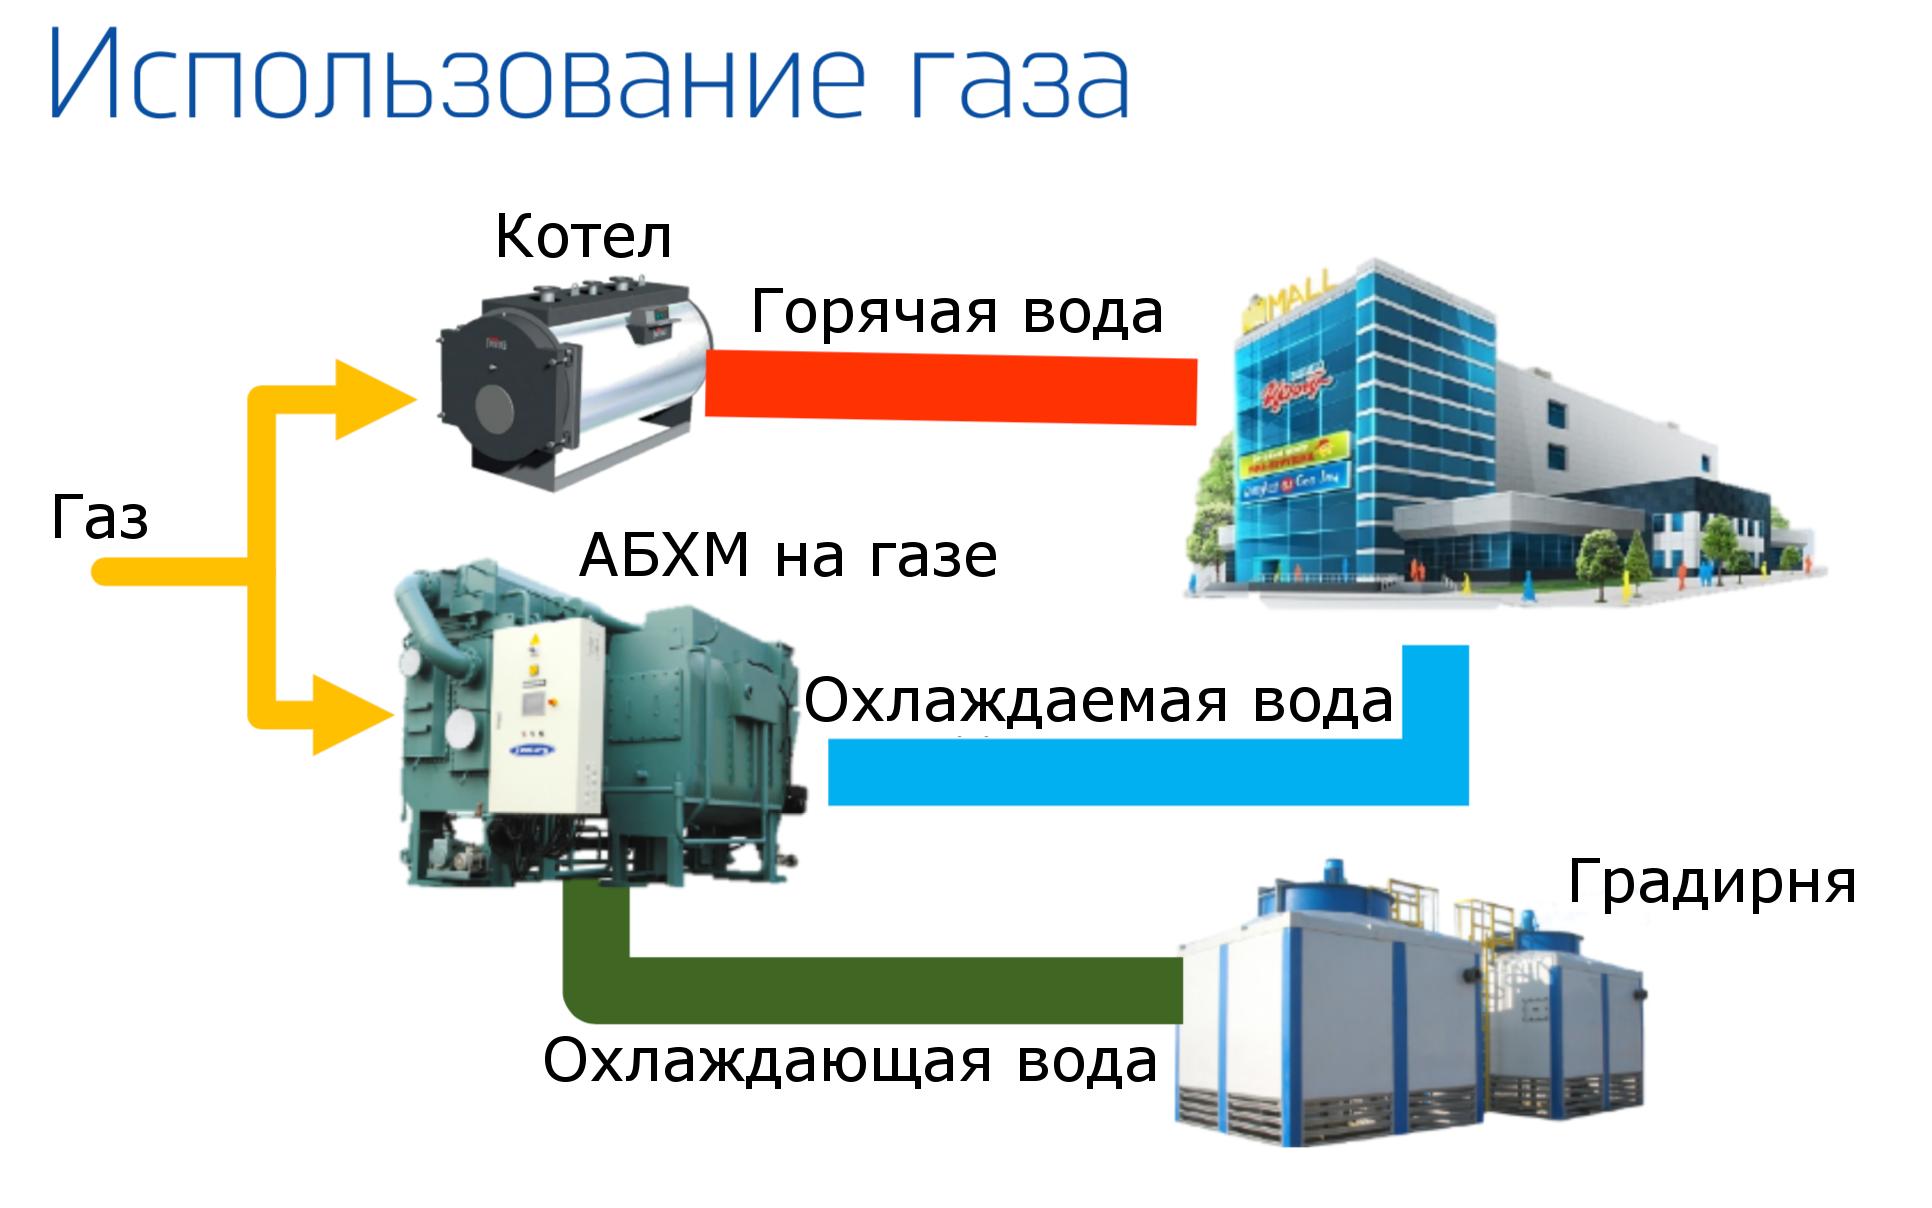 Инженерный лайфхак для России: как производить перевести систему охлаждения на дешевый источник энергии